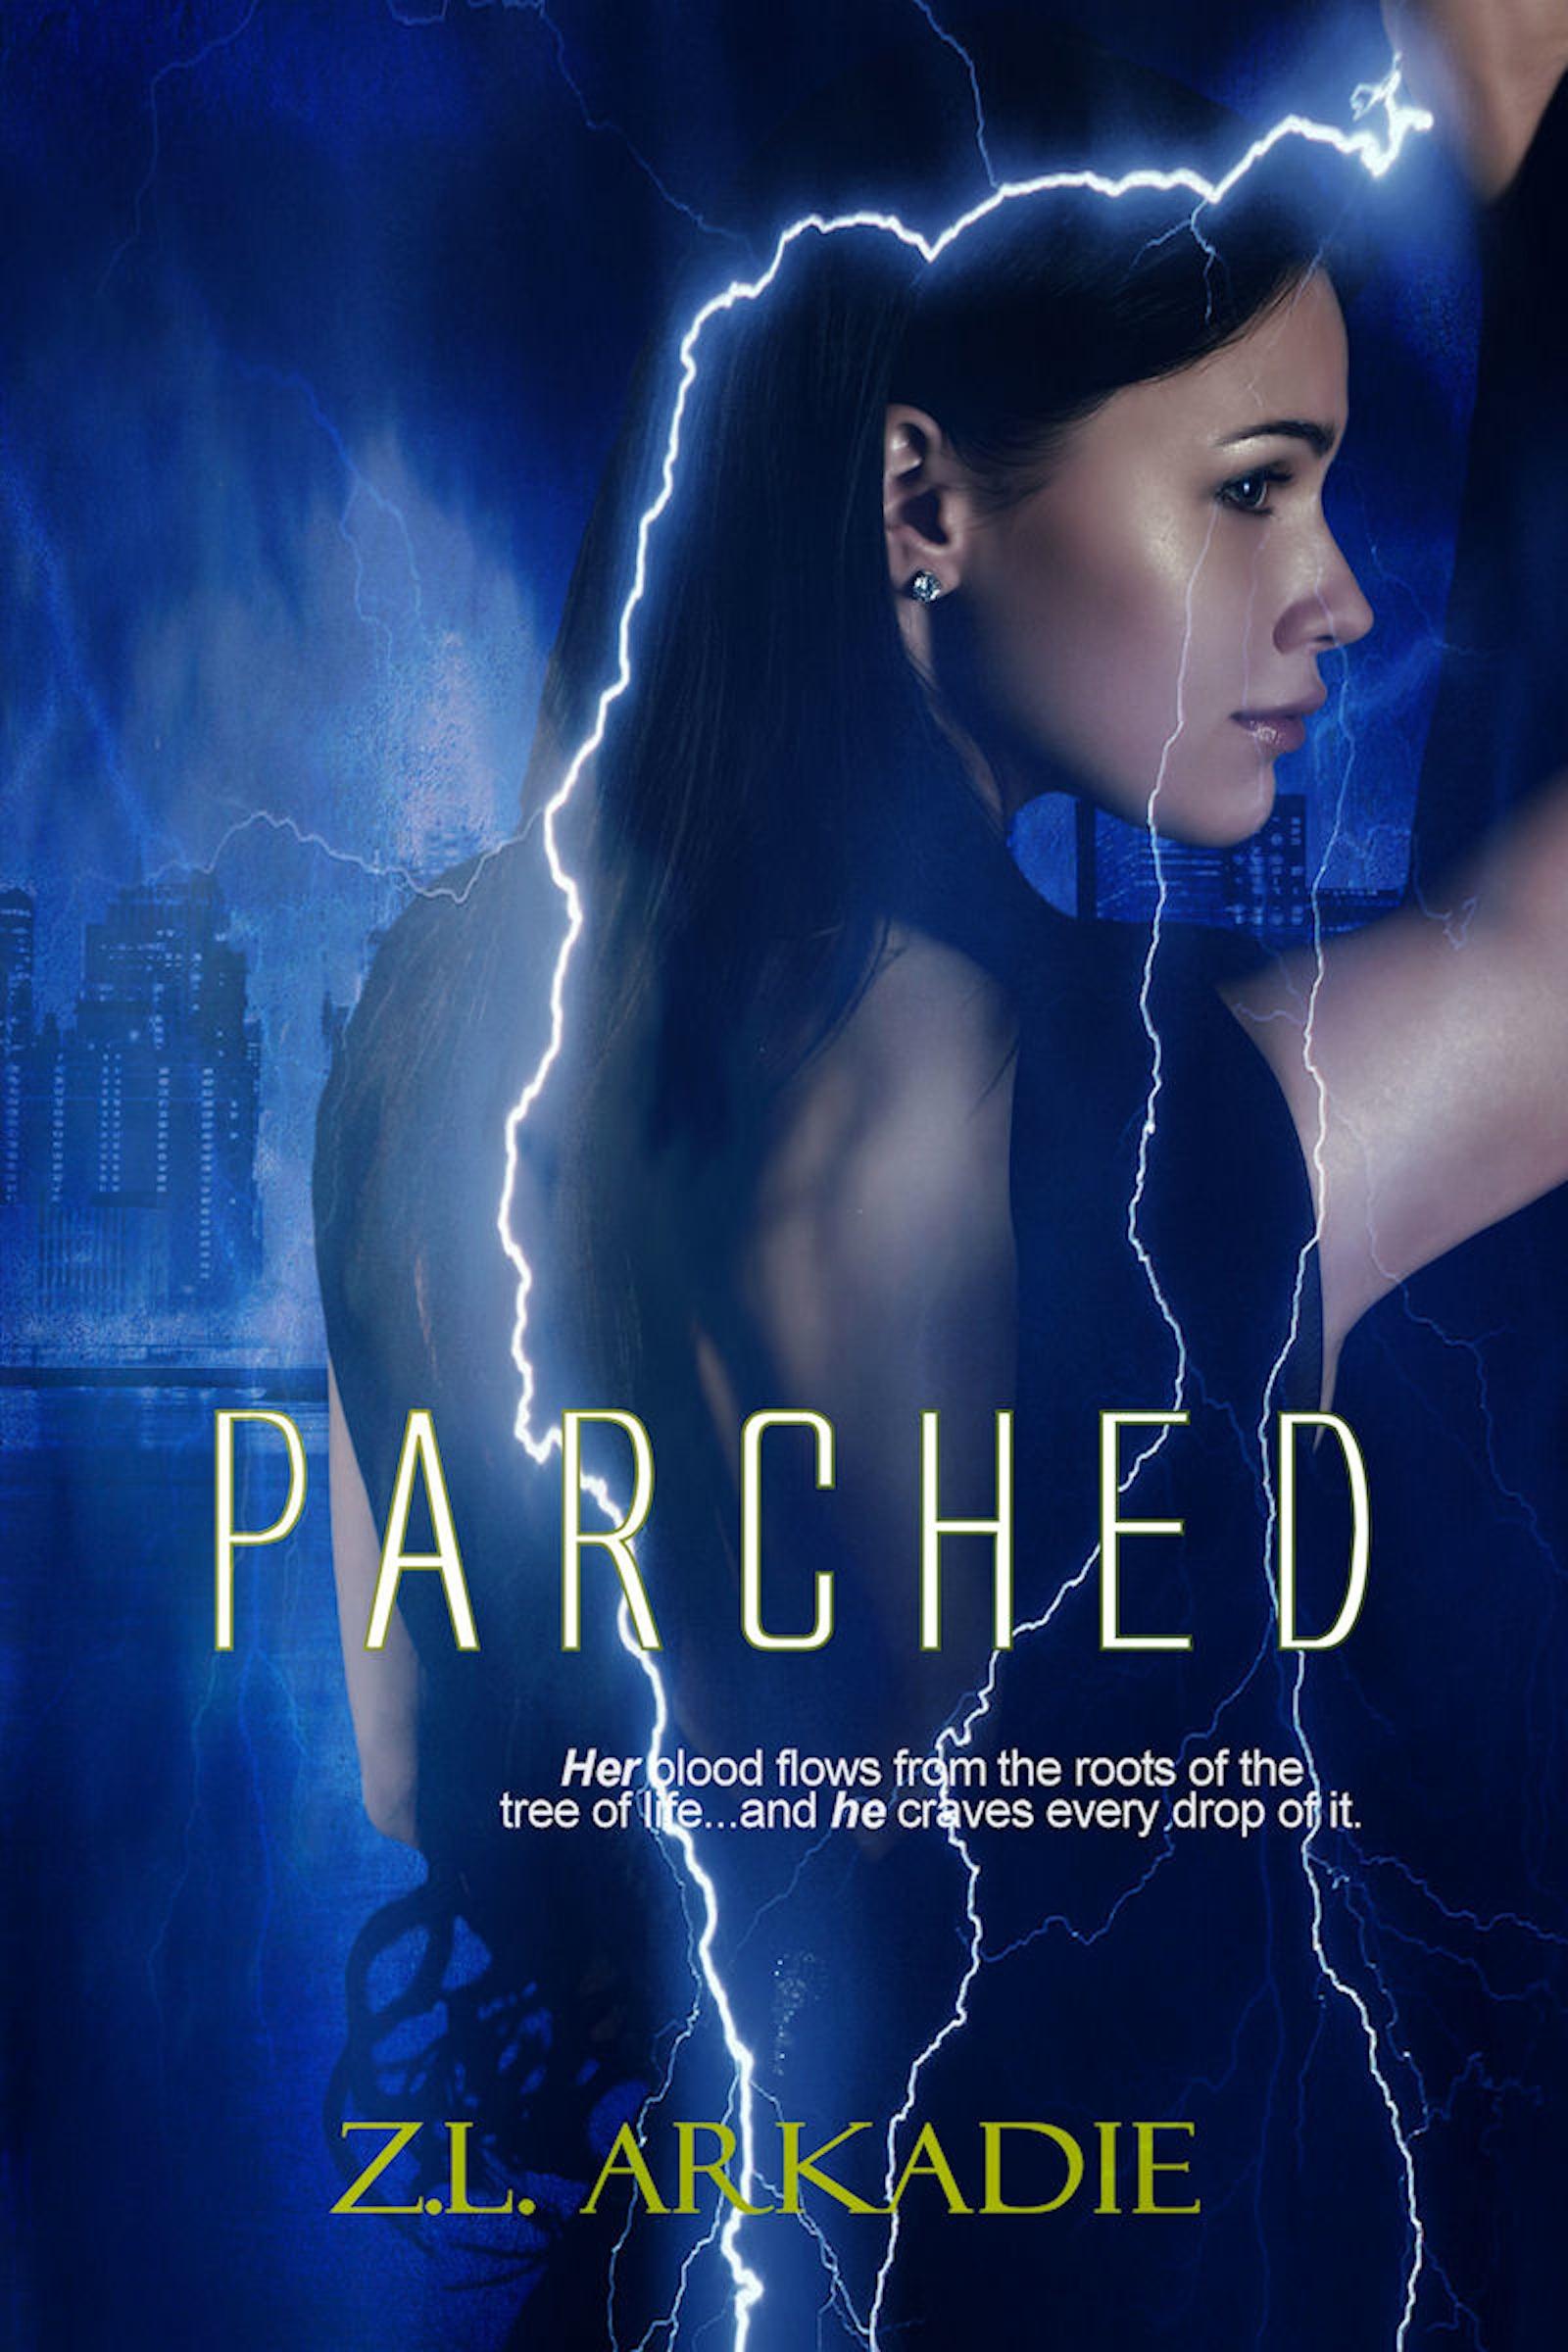 Z.L Arkadie - Parched (Parched Series, A Vampire Romance, #1)